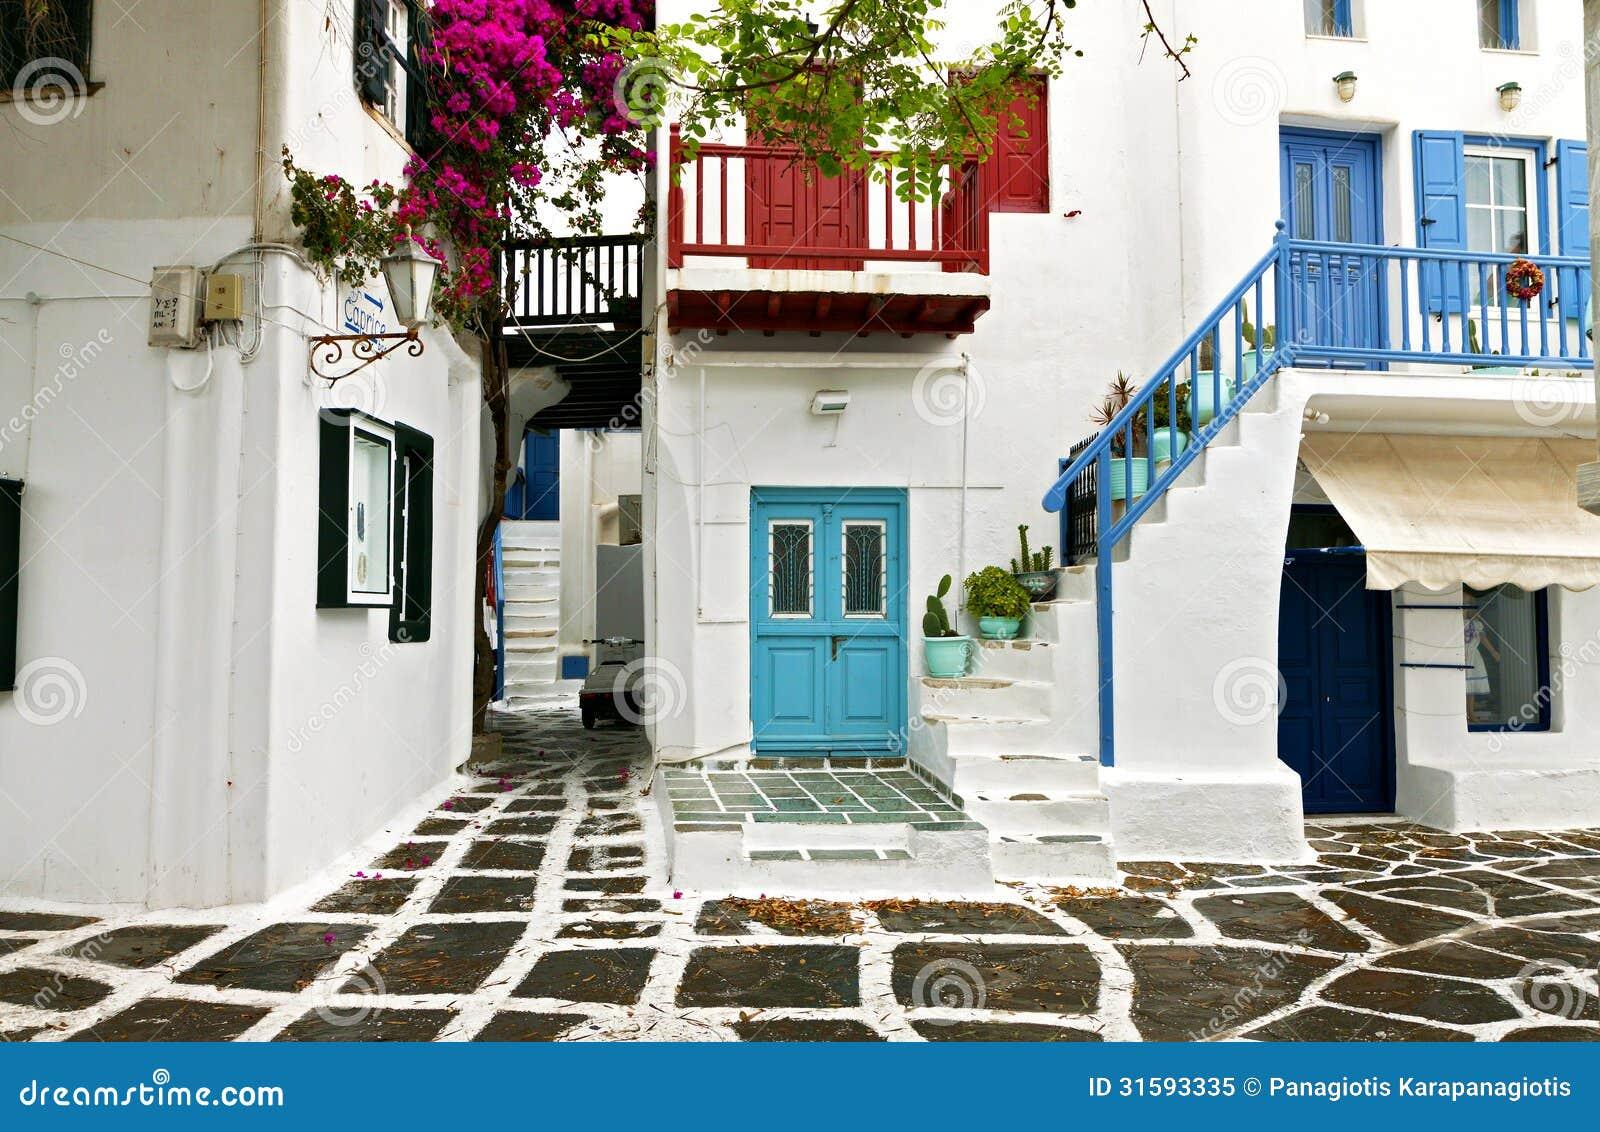 Casas griegas en la isla de mykonos foto de archivo libre for Casas en islas griegas